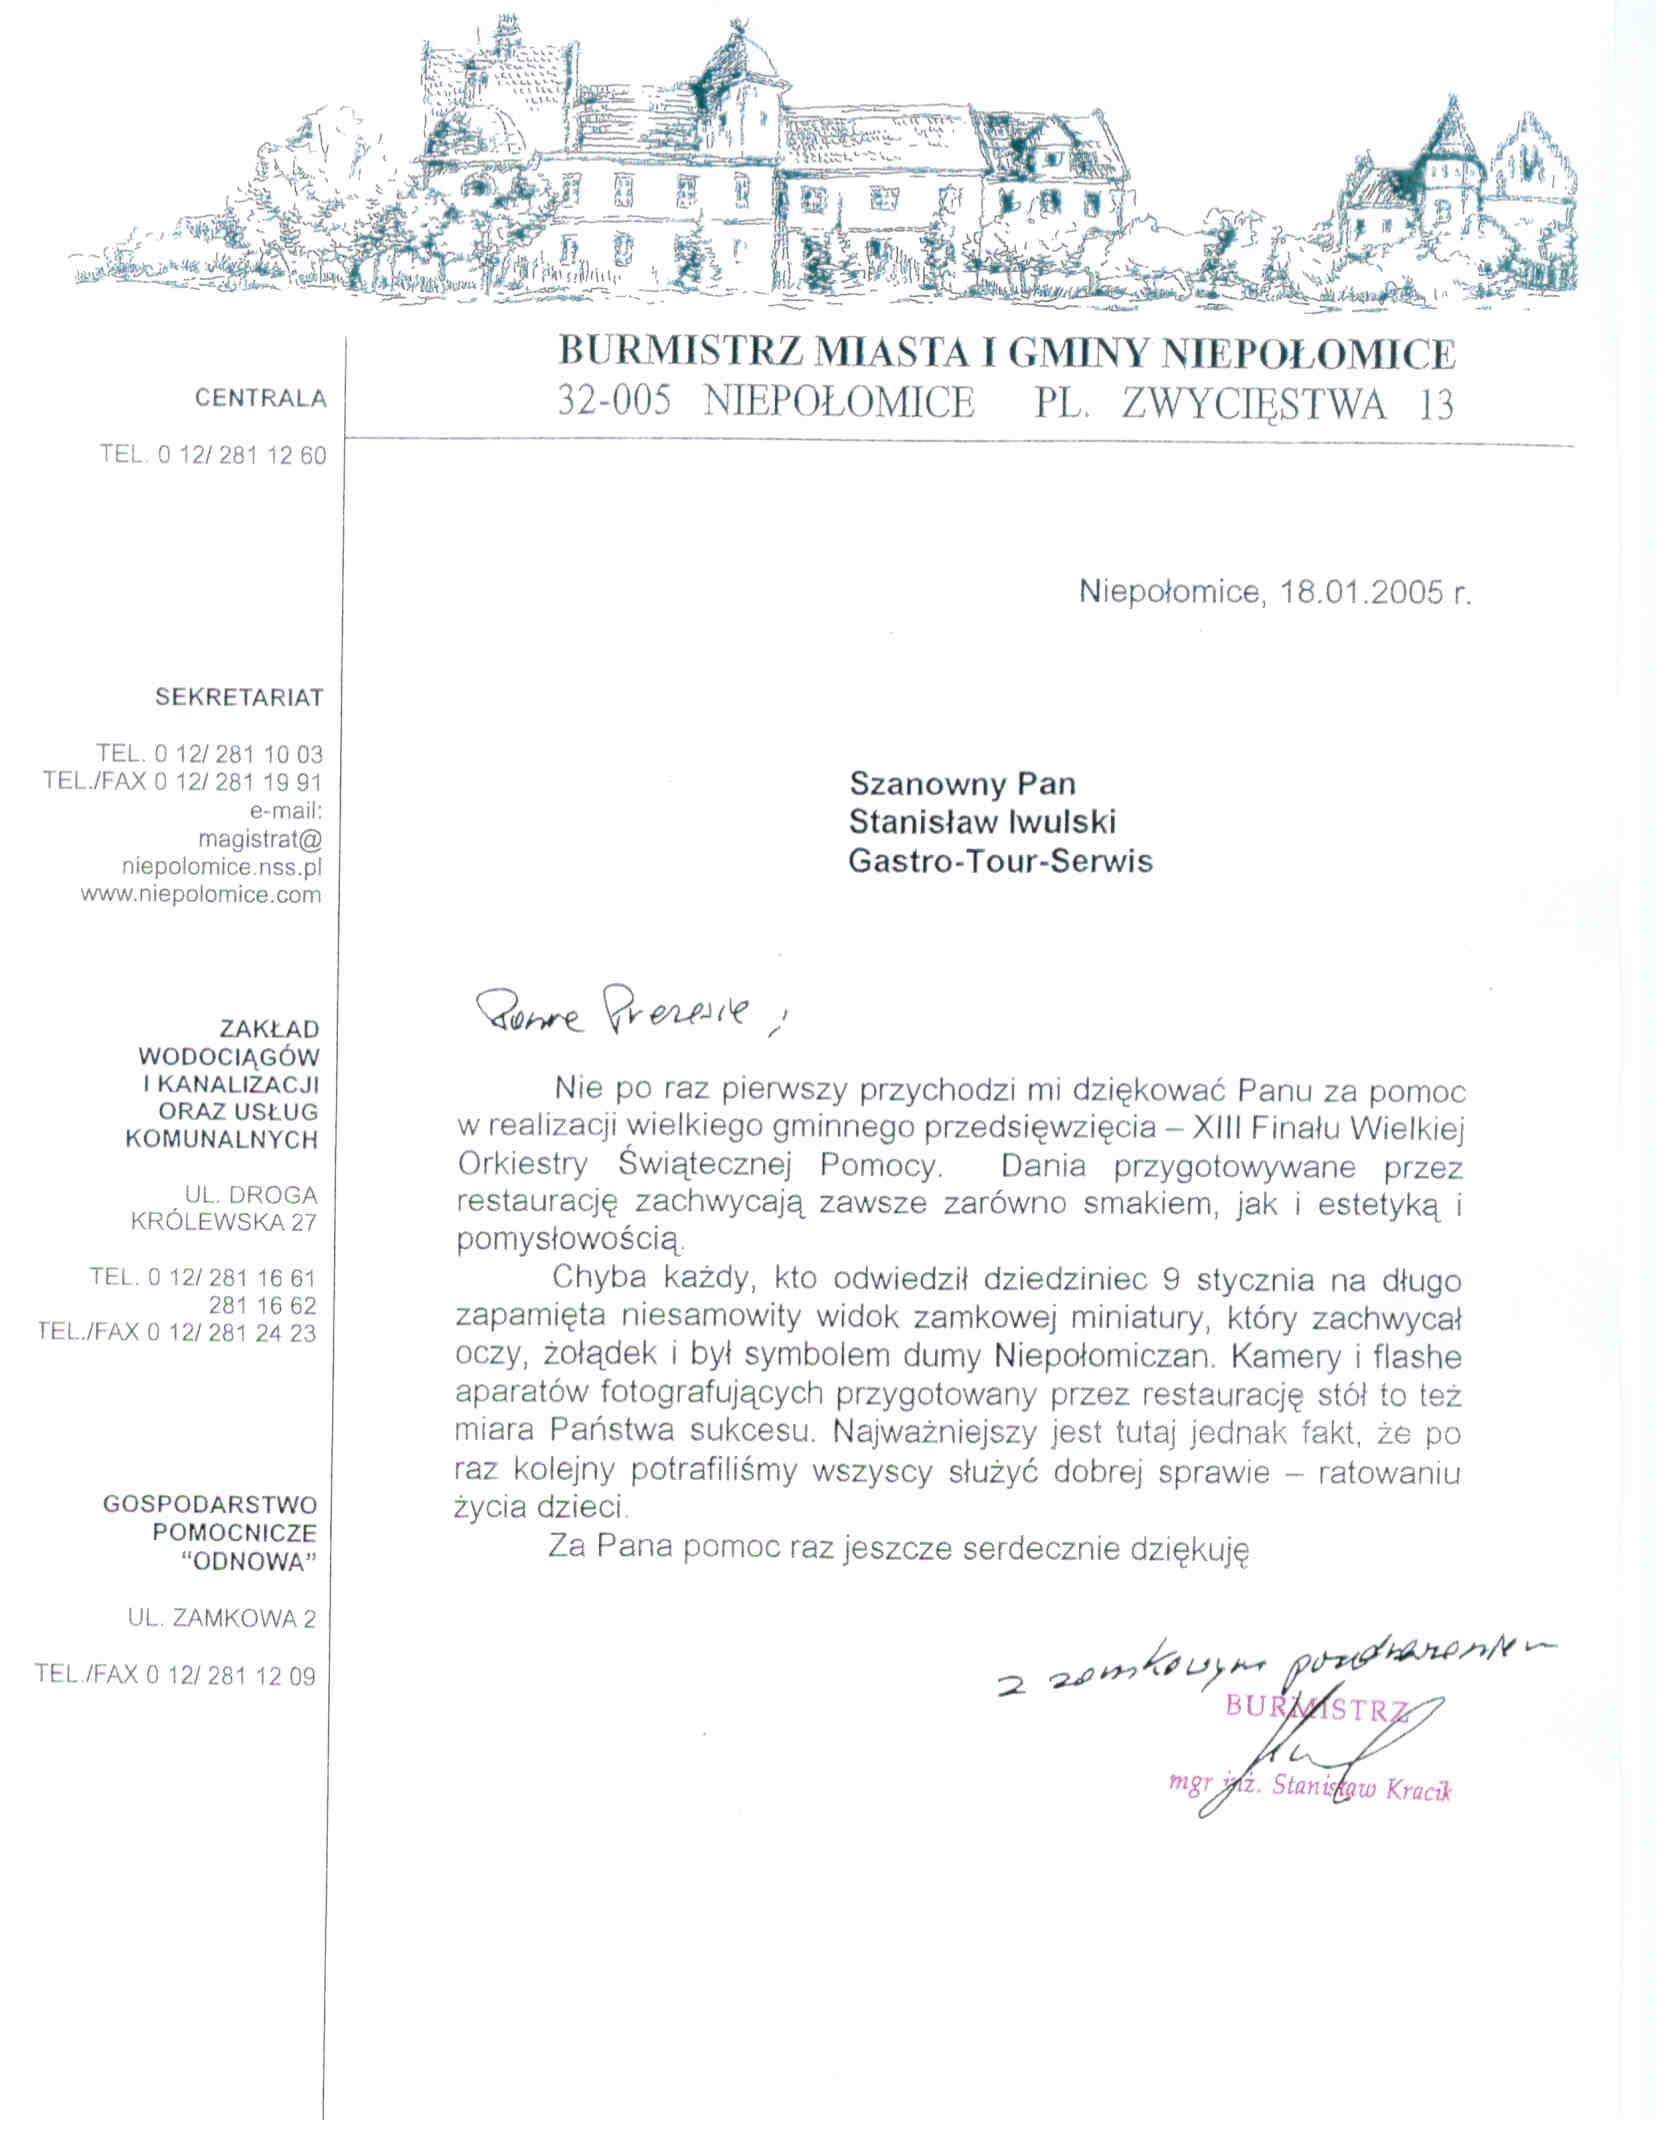 referencje Burmistrz Miasta i Gminy Niepolomice